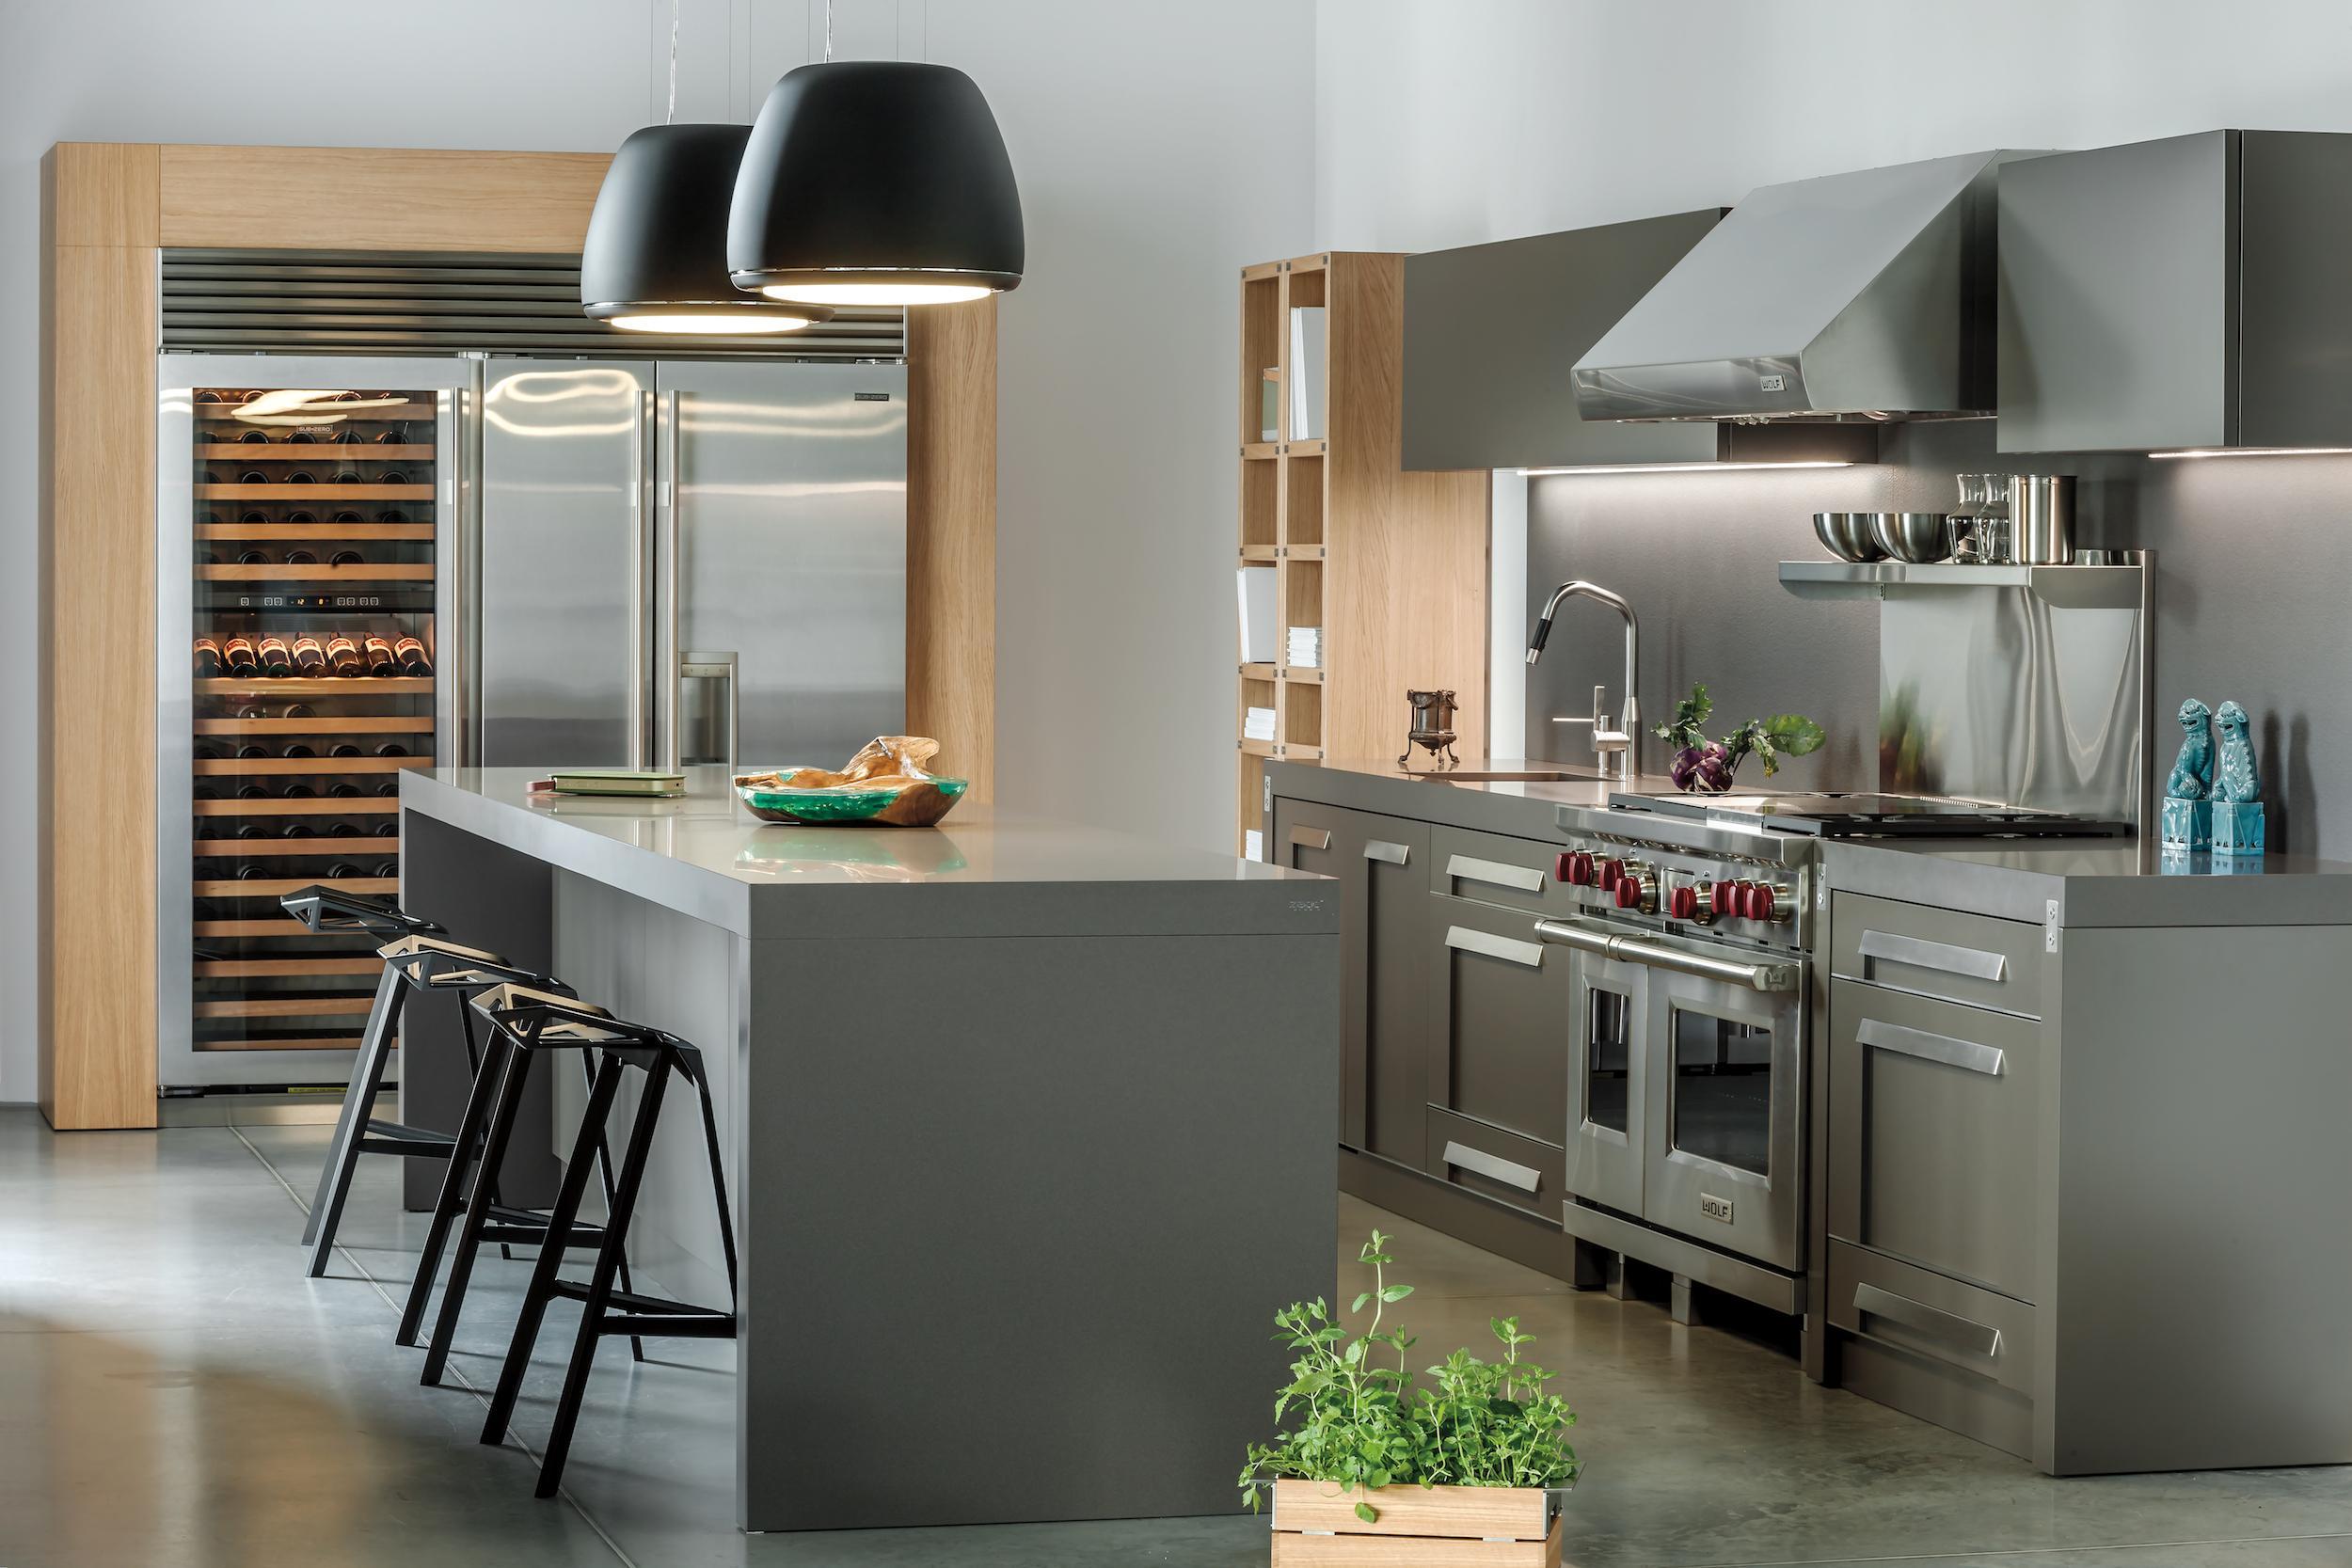 Side By Side Kühlschrank Zum Einbauen : Kleine küche side by side kühlschrank. küche grifflos spritzschutz